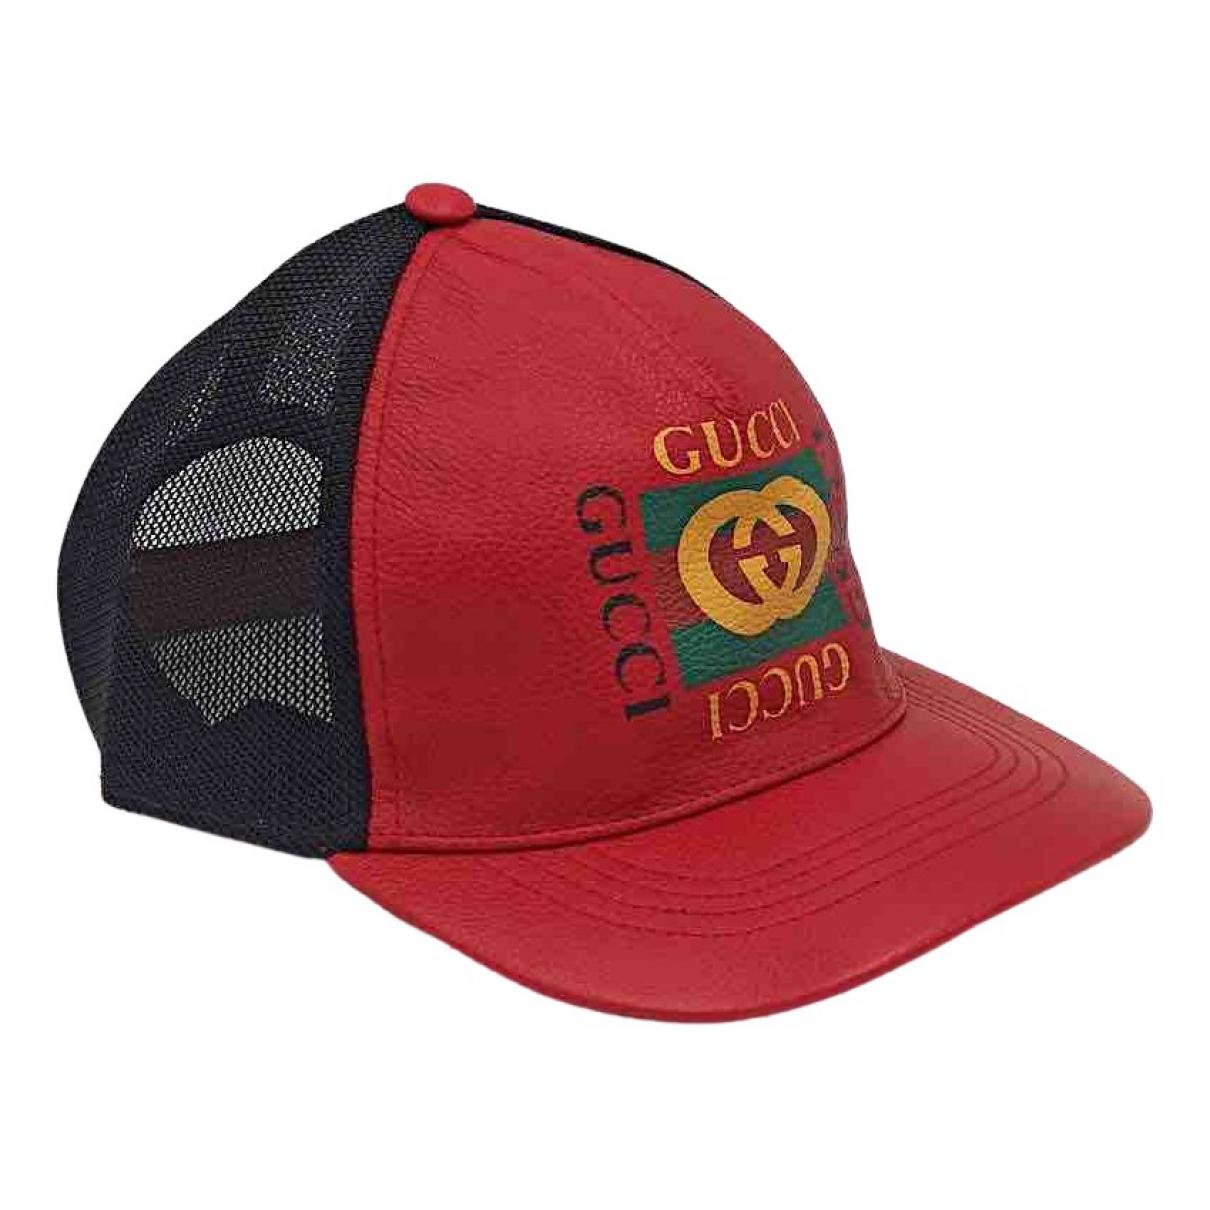 Gucci - Chapeau & Bonnets   pour homme en cuir - rouge